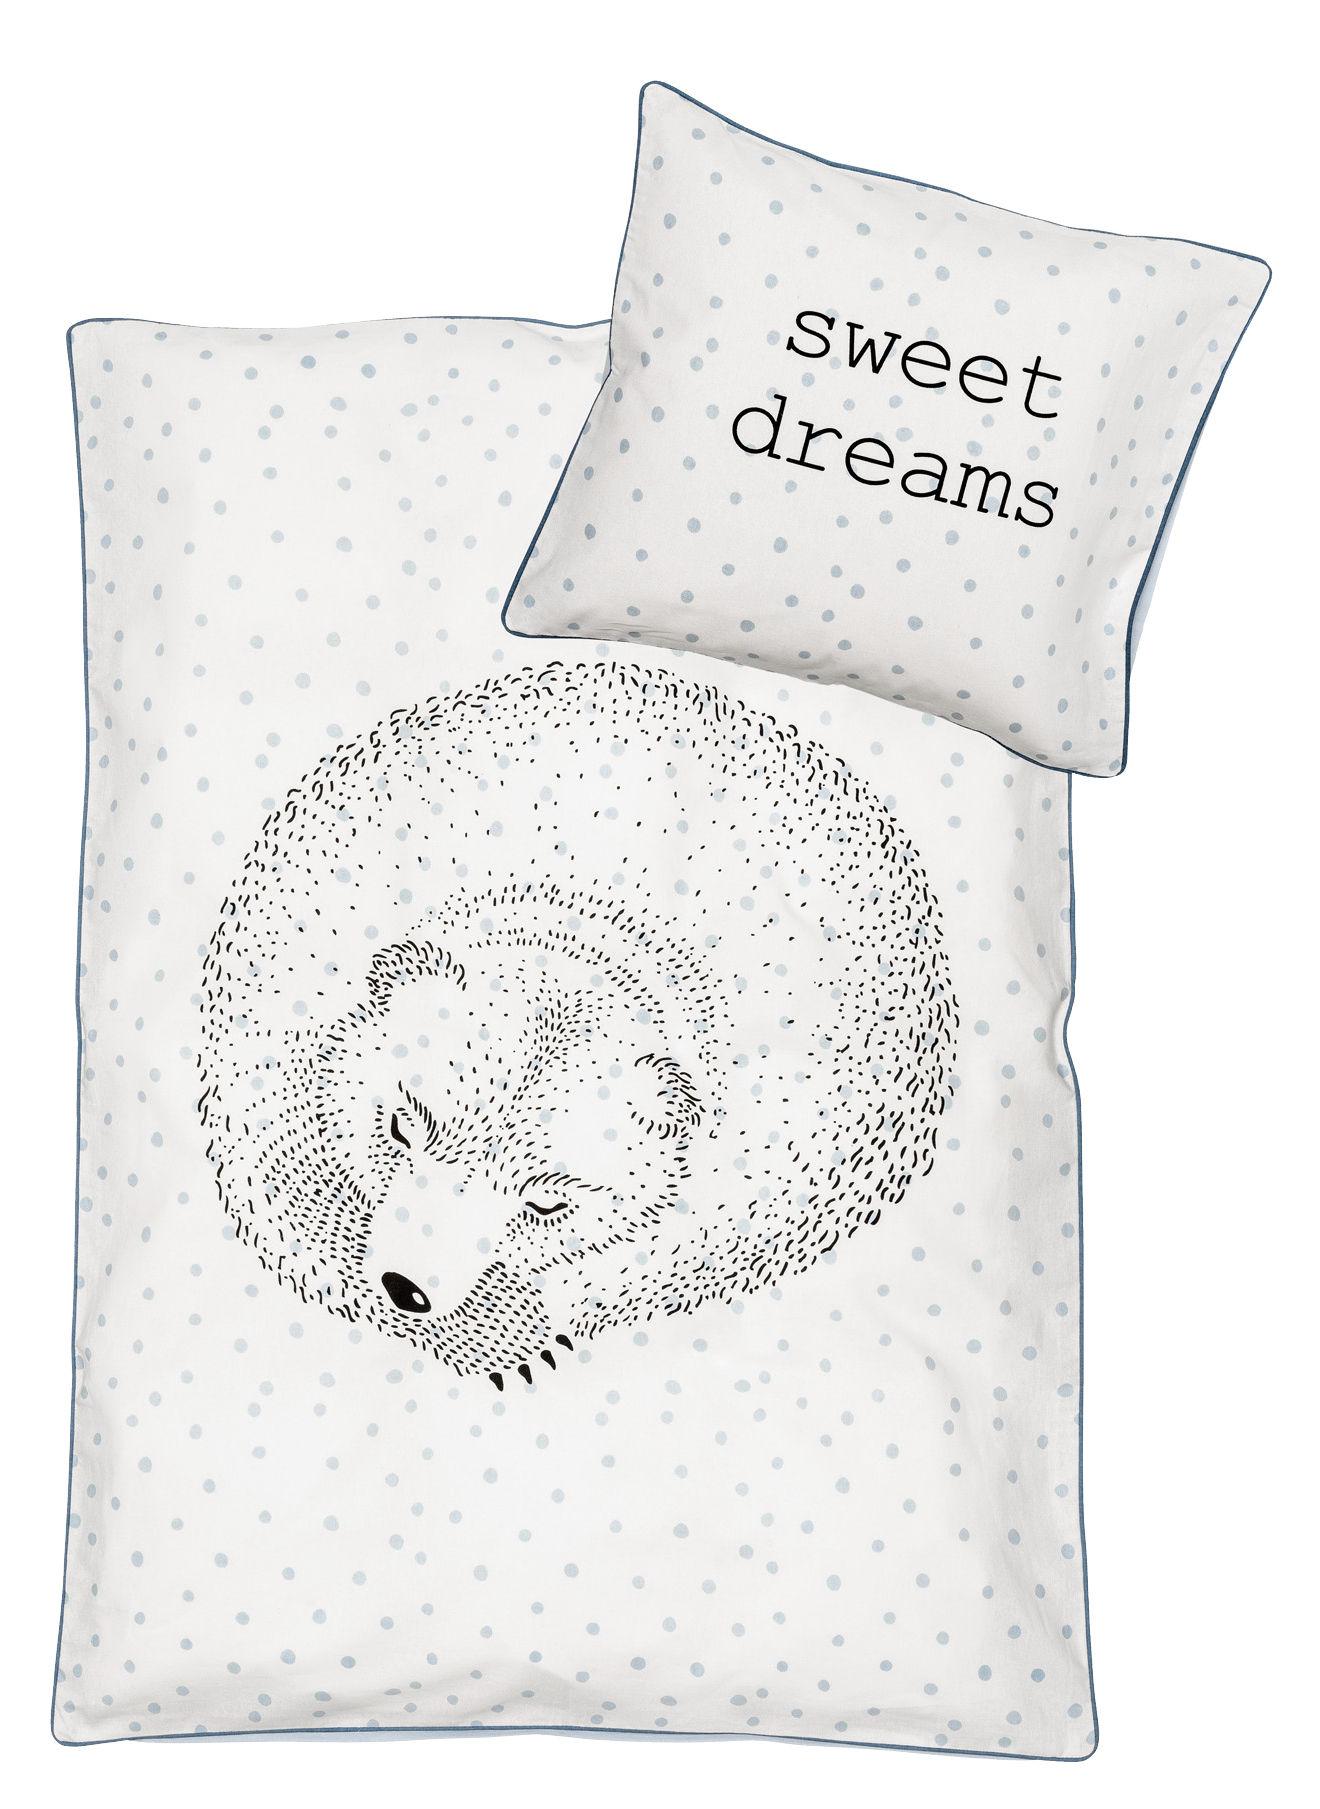 Déco - Pour les enfants - Parure de lit enfant Rasmus / 100 x 140 cm - Bloomingville - Ours - Coton